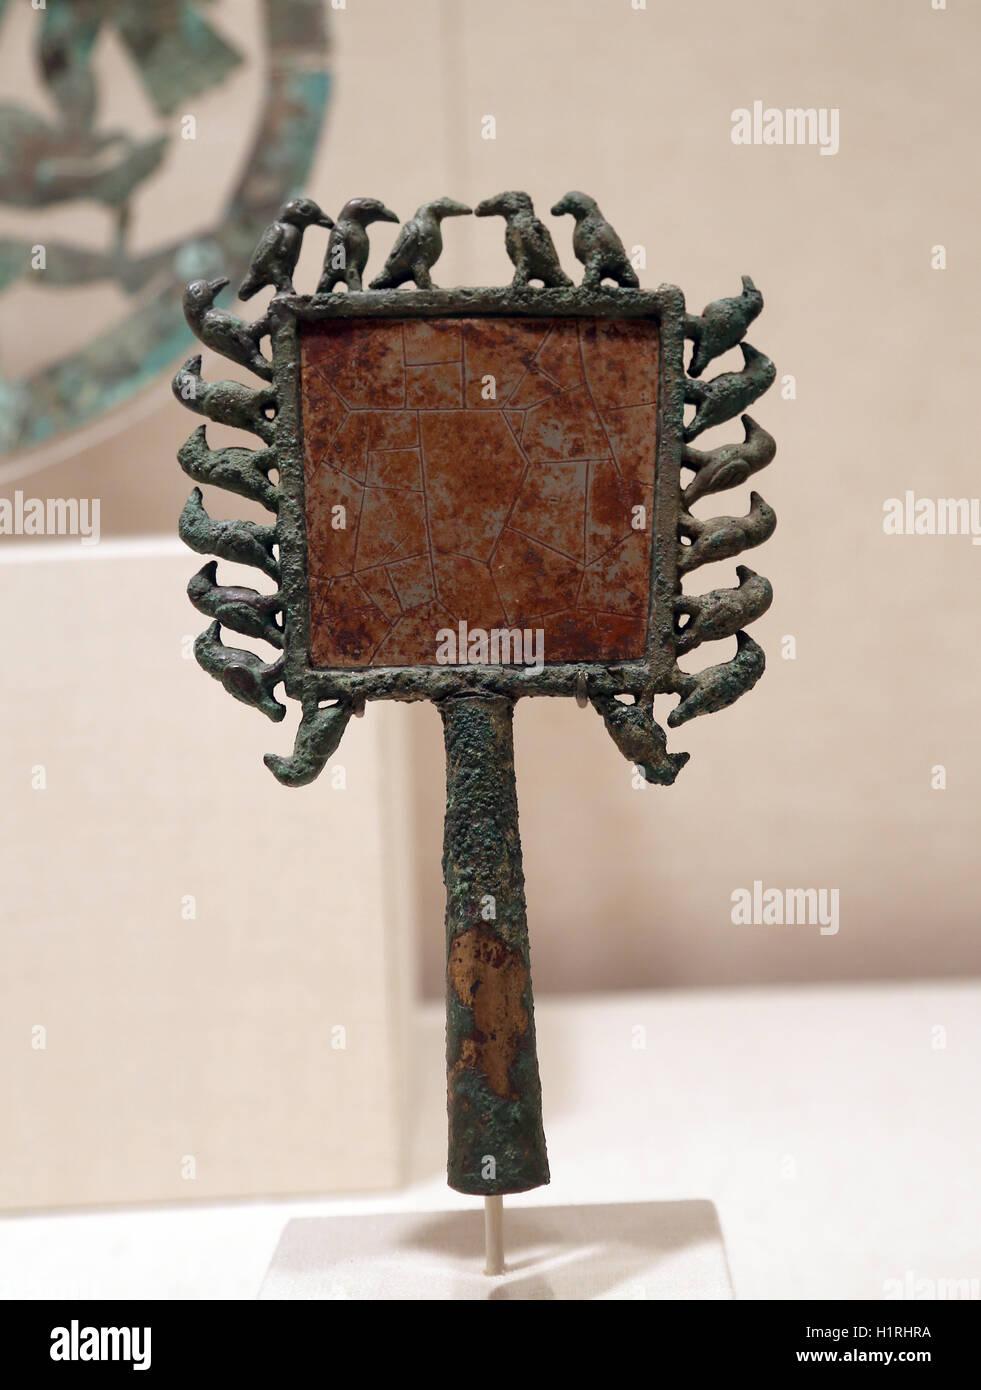 L'Amérique. Le Pérou. La culture moche. Miroir avec les oiseaux. 2ème-7ème siècle. Photo Stock